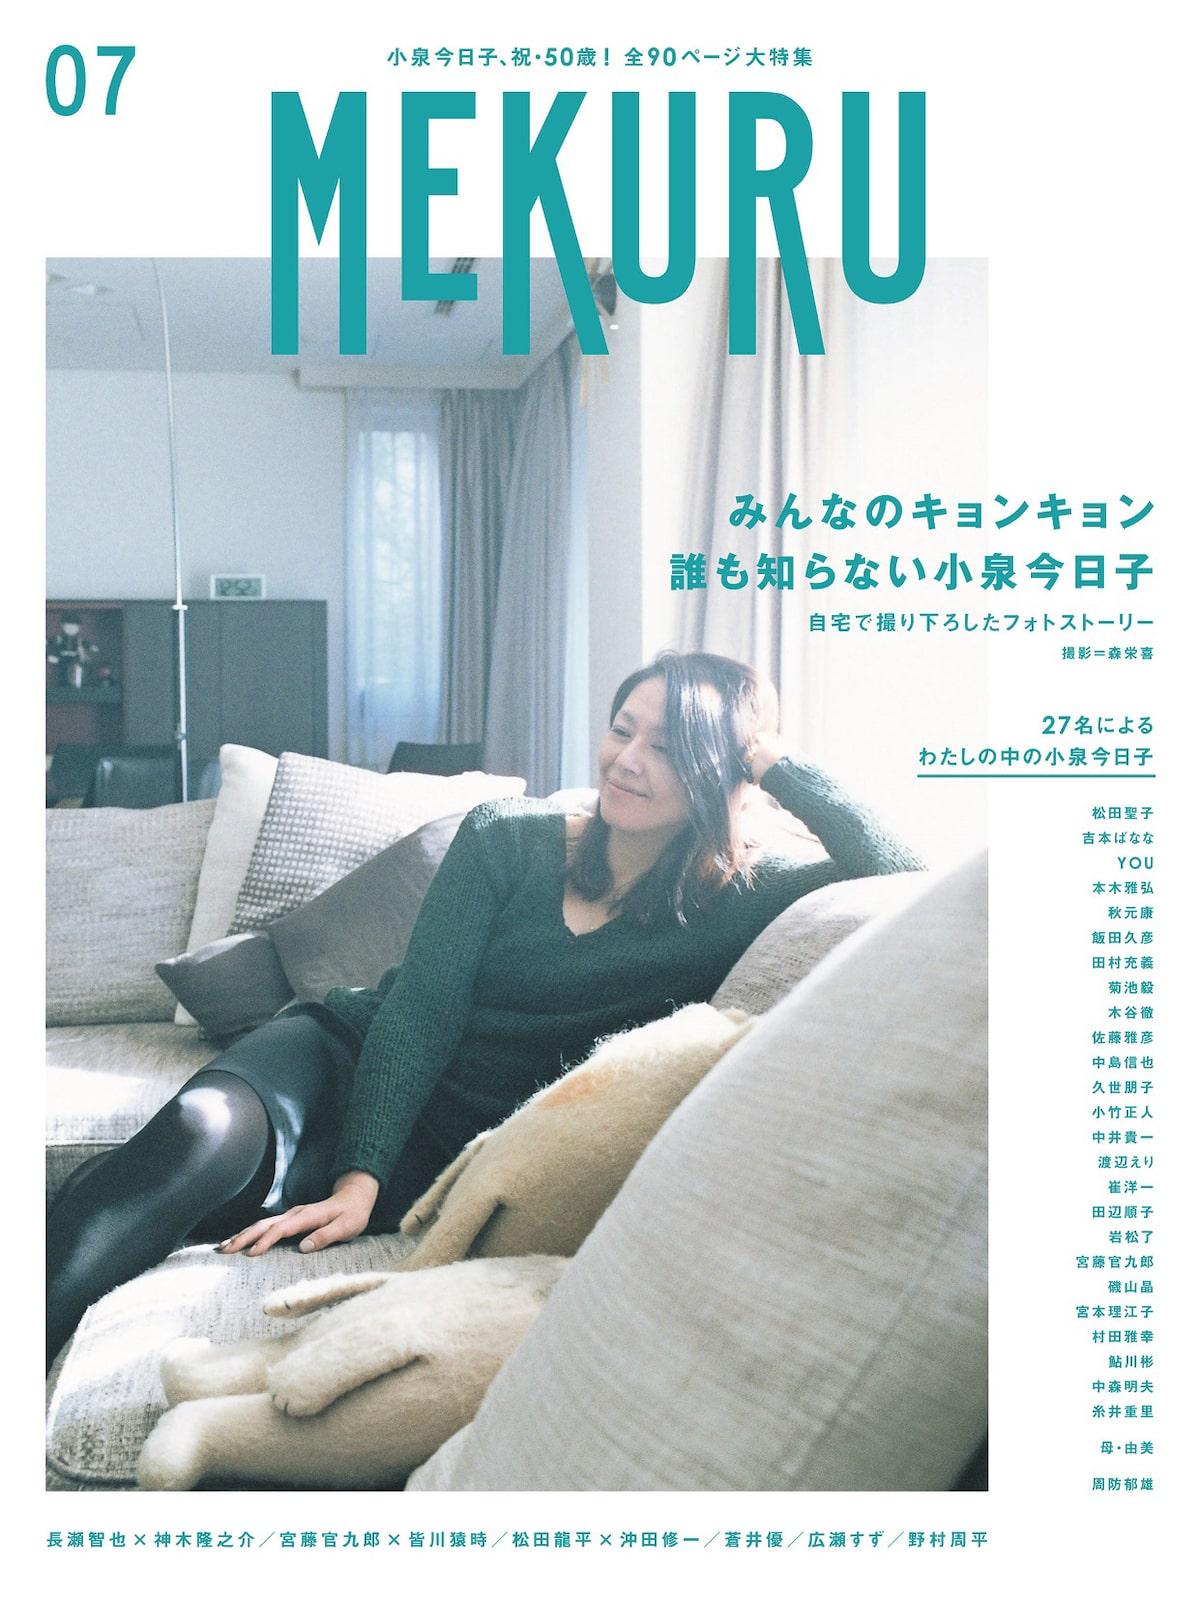 キョンキョンが自宅で私服&スッピン!小泉今日子特集のMEKURU、50歳の ...